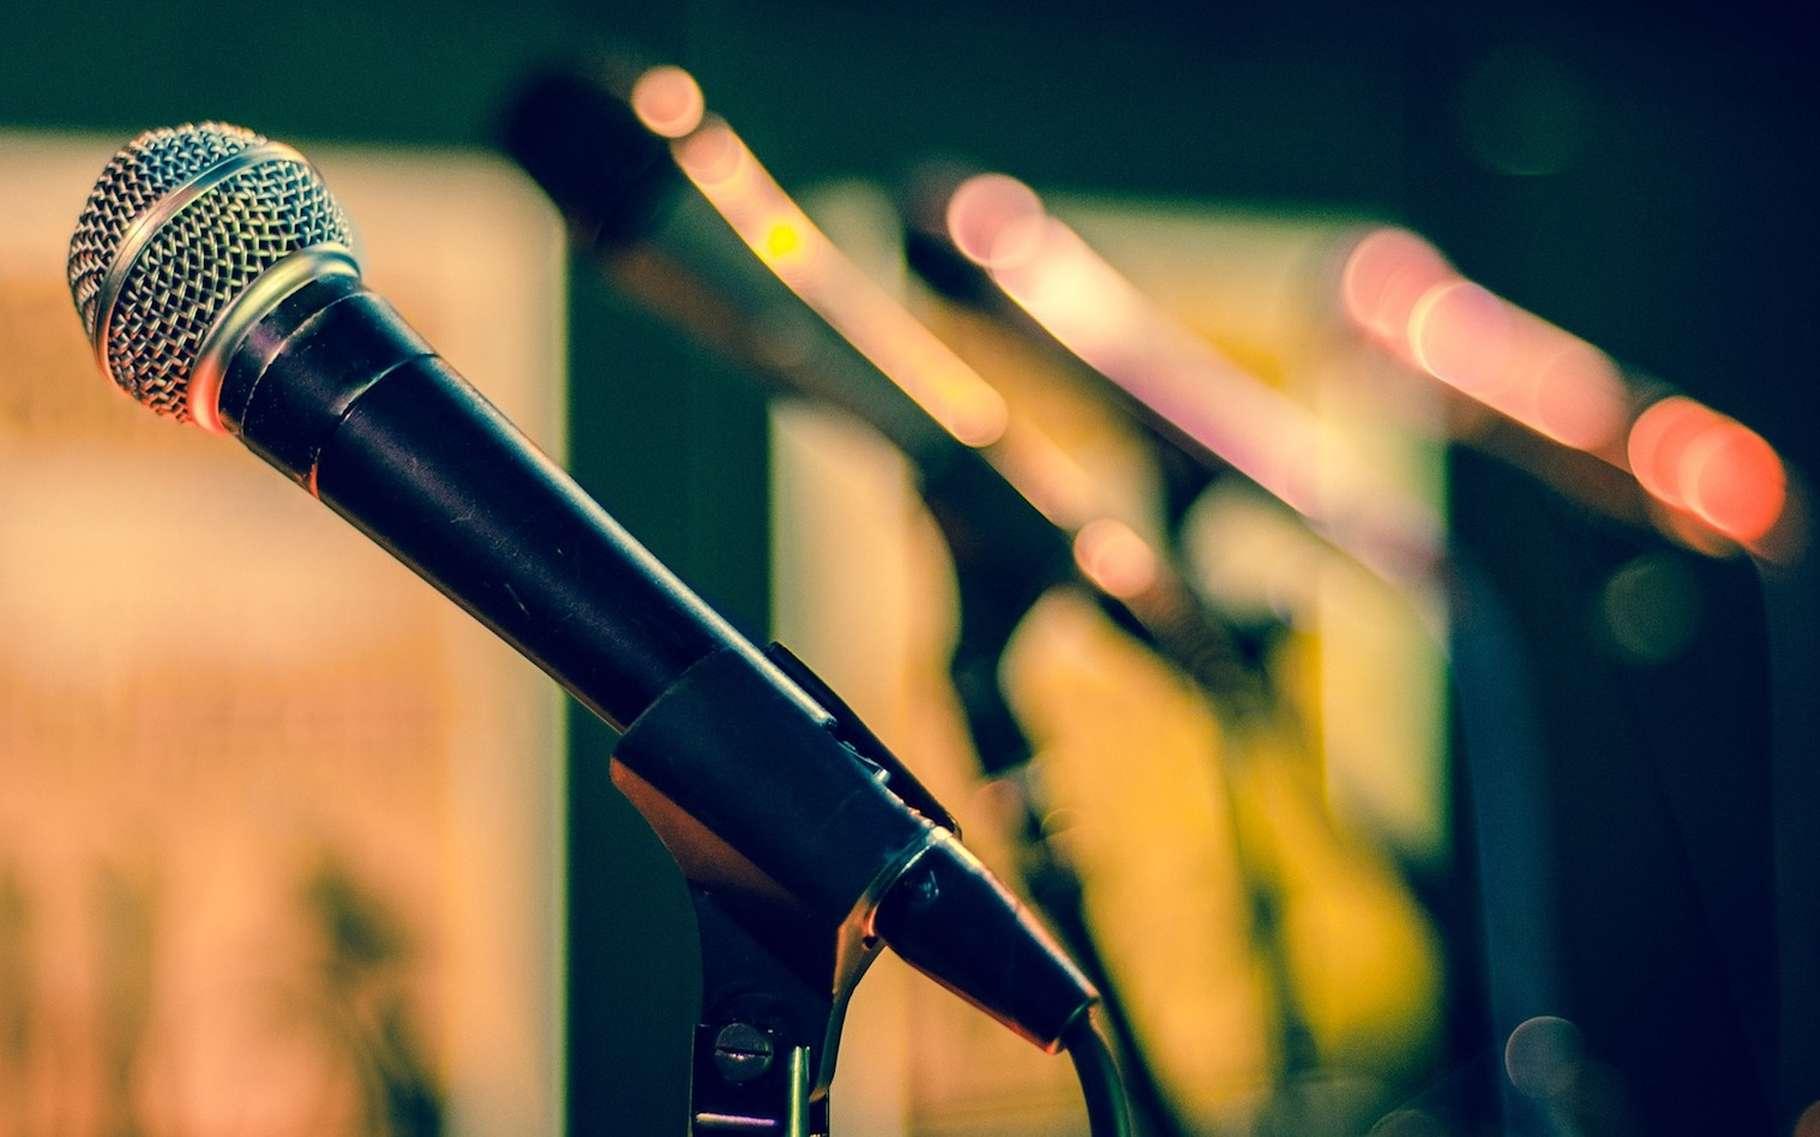 Avoir une voix grave semble présenter un avantage en matière de séduction tout autant qu'en matière de réussite professionnelle. © Kitterphoto, Pixabay, CC0 Creative Commons